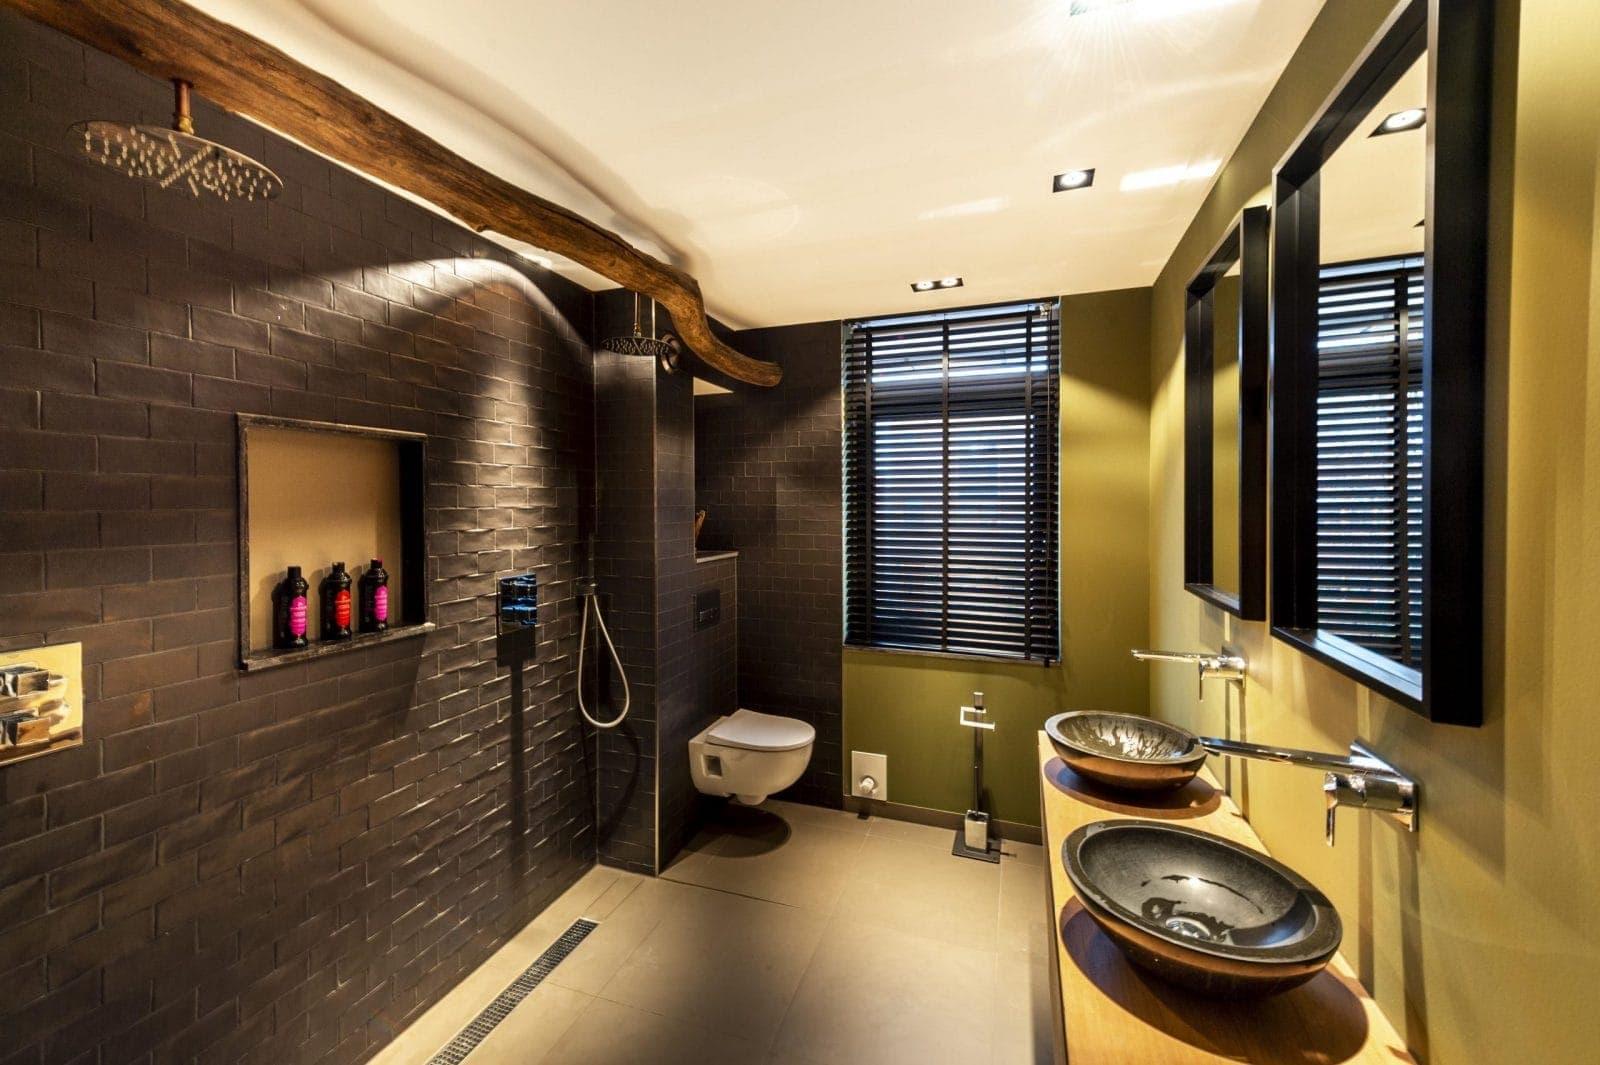 Badkamer op maat laten maken in Vlaardingen